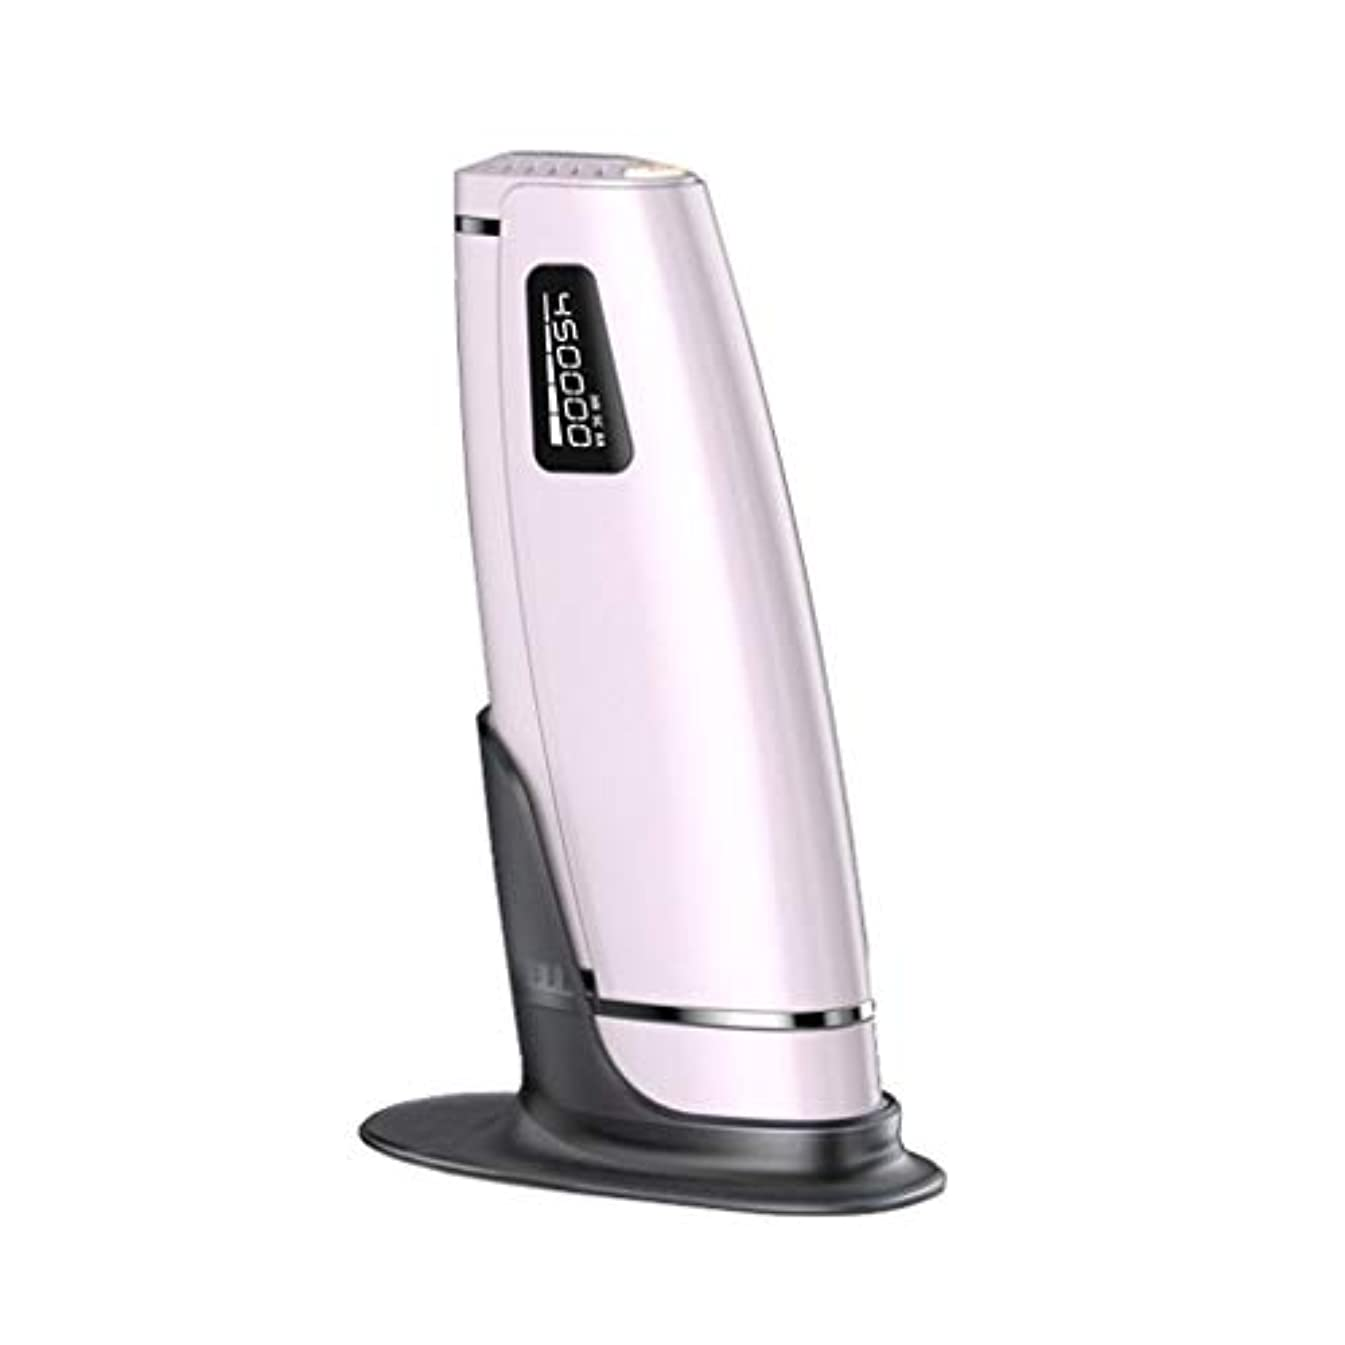 けん引マインド証言女性のためのIPL脱毛装置、永久的な痛みのない脱毛器、体のレーザー美容器具、顔、ビキニ&脇の下、5レベルの評価 (色 : ピンク)